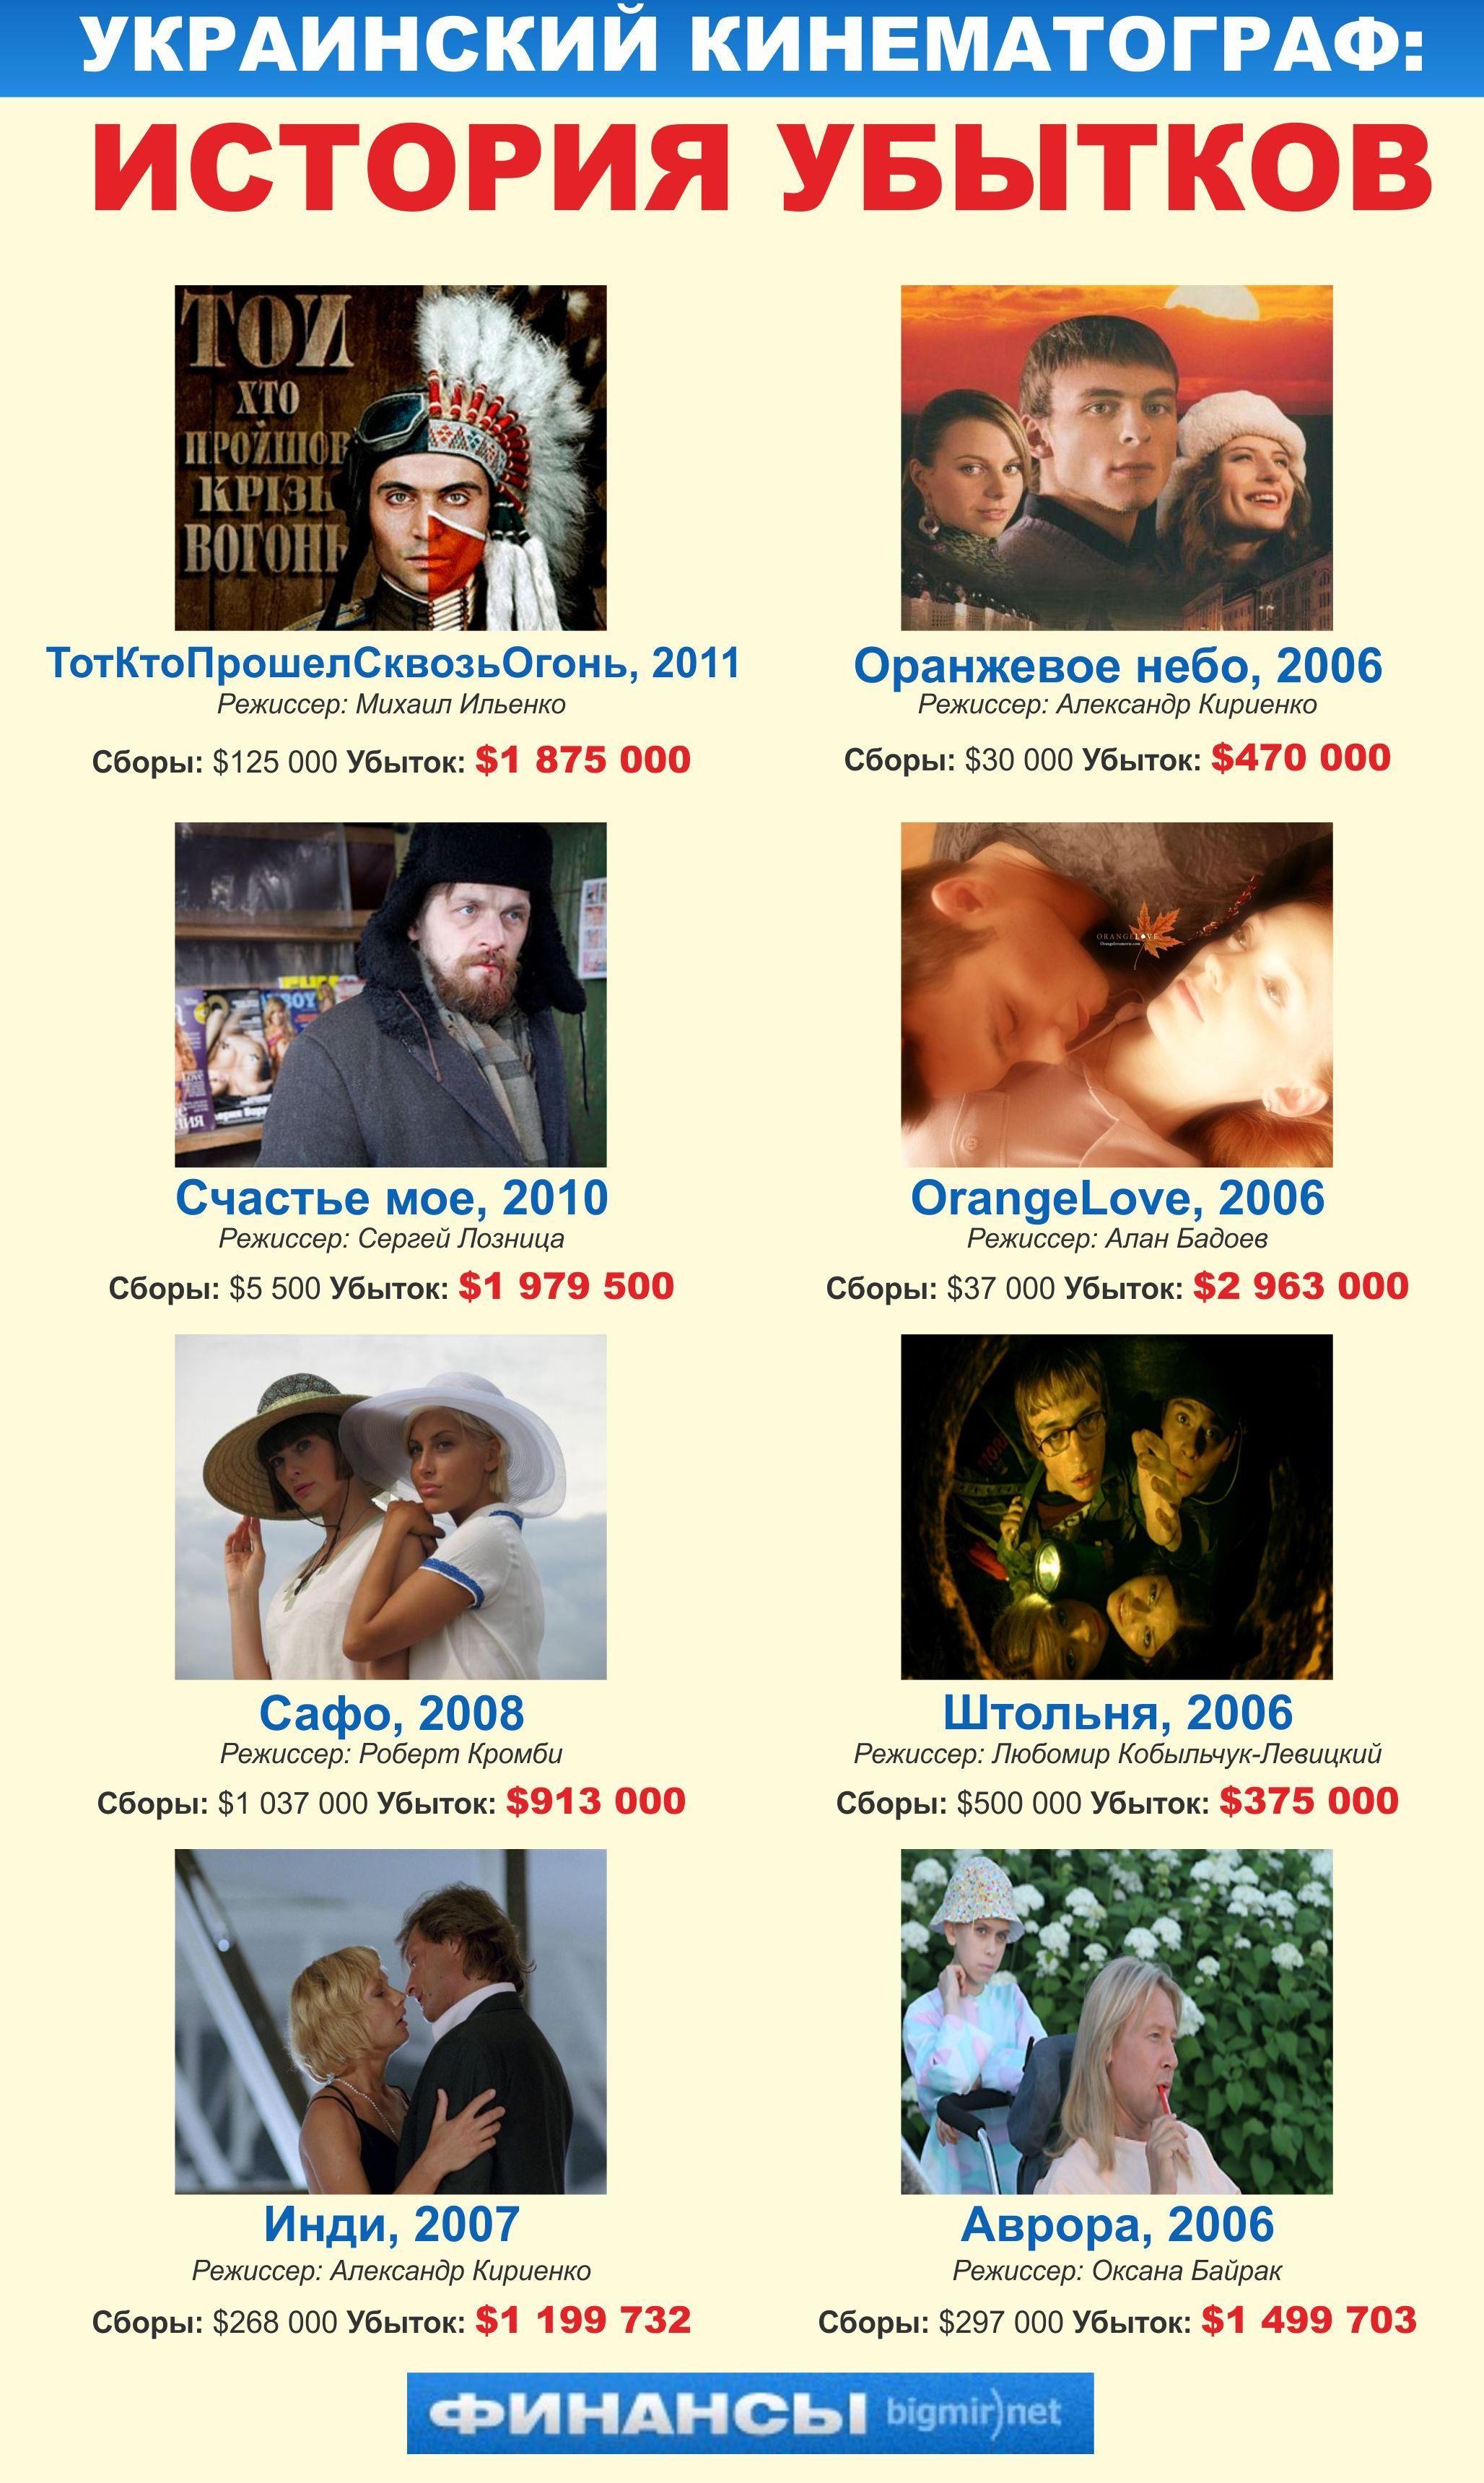 Кассовые сборы украинских фильмов